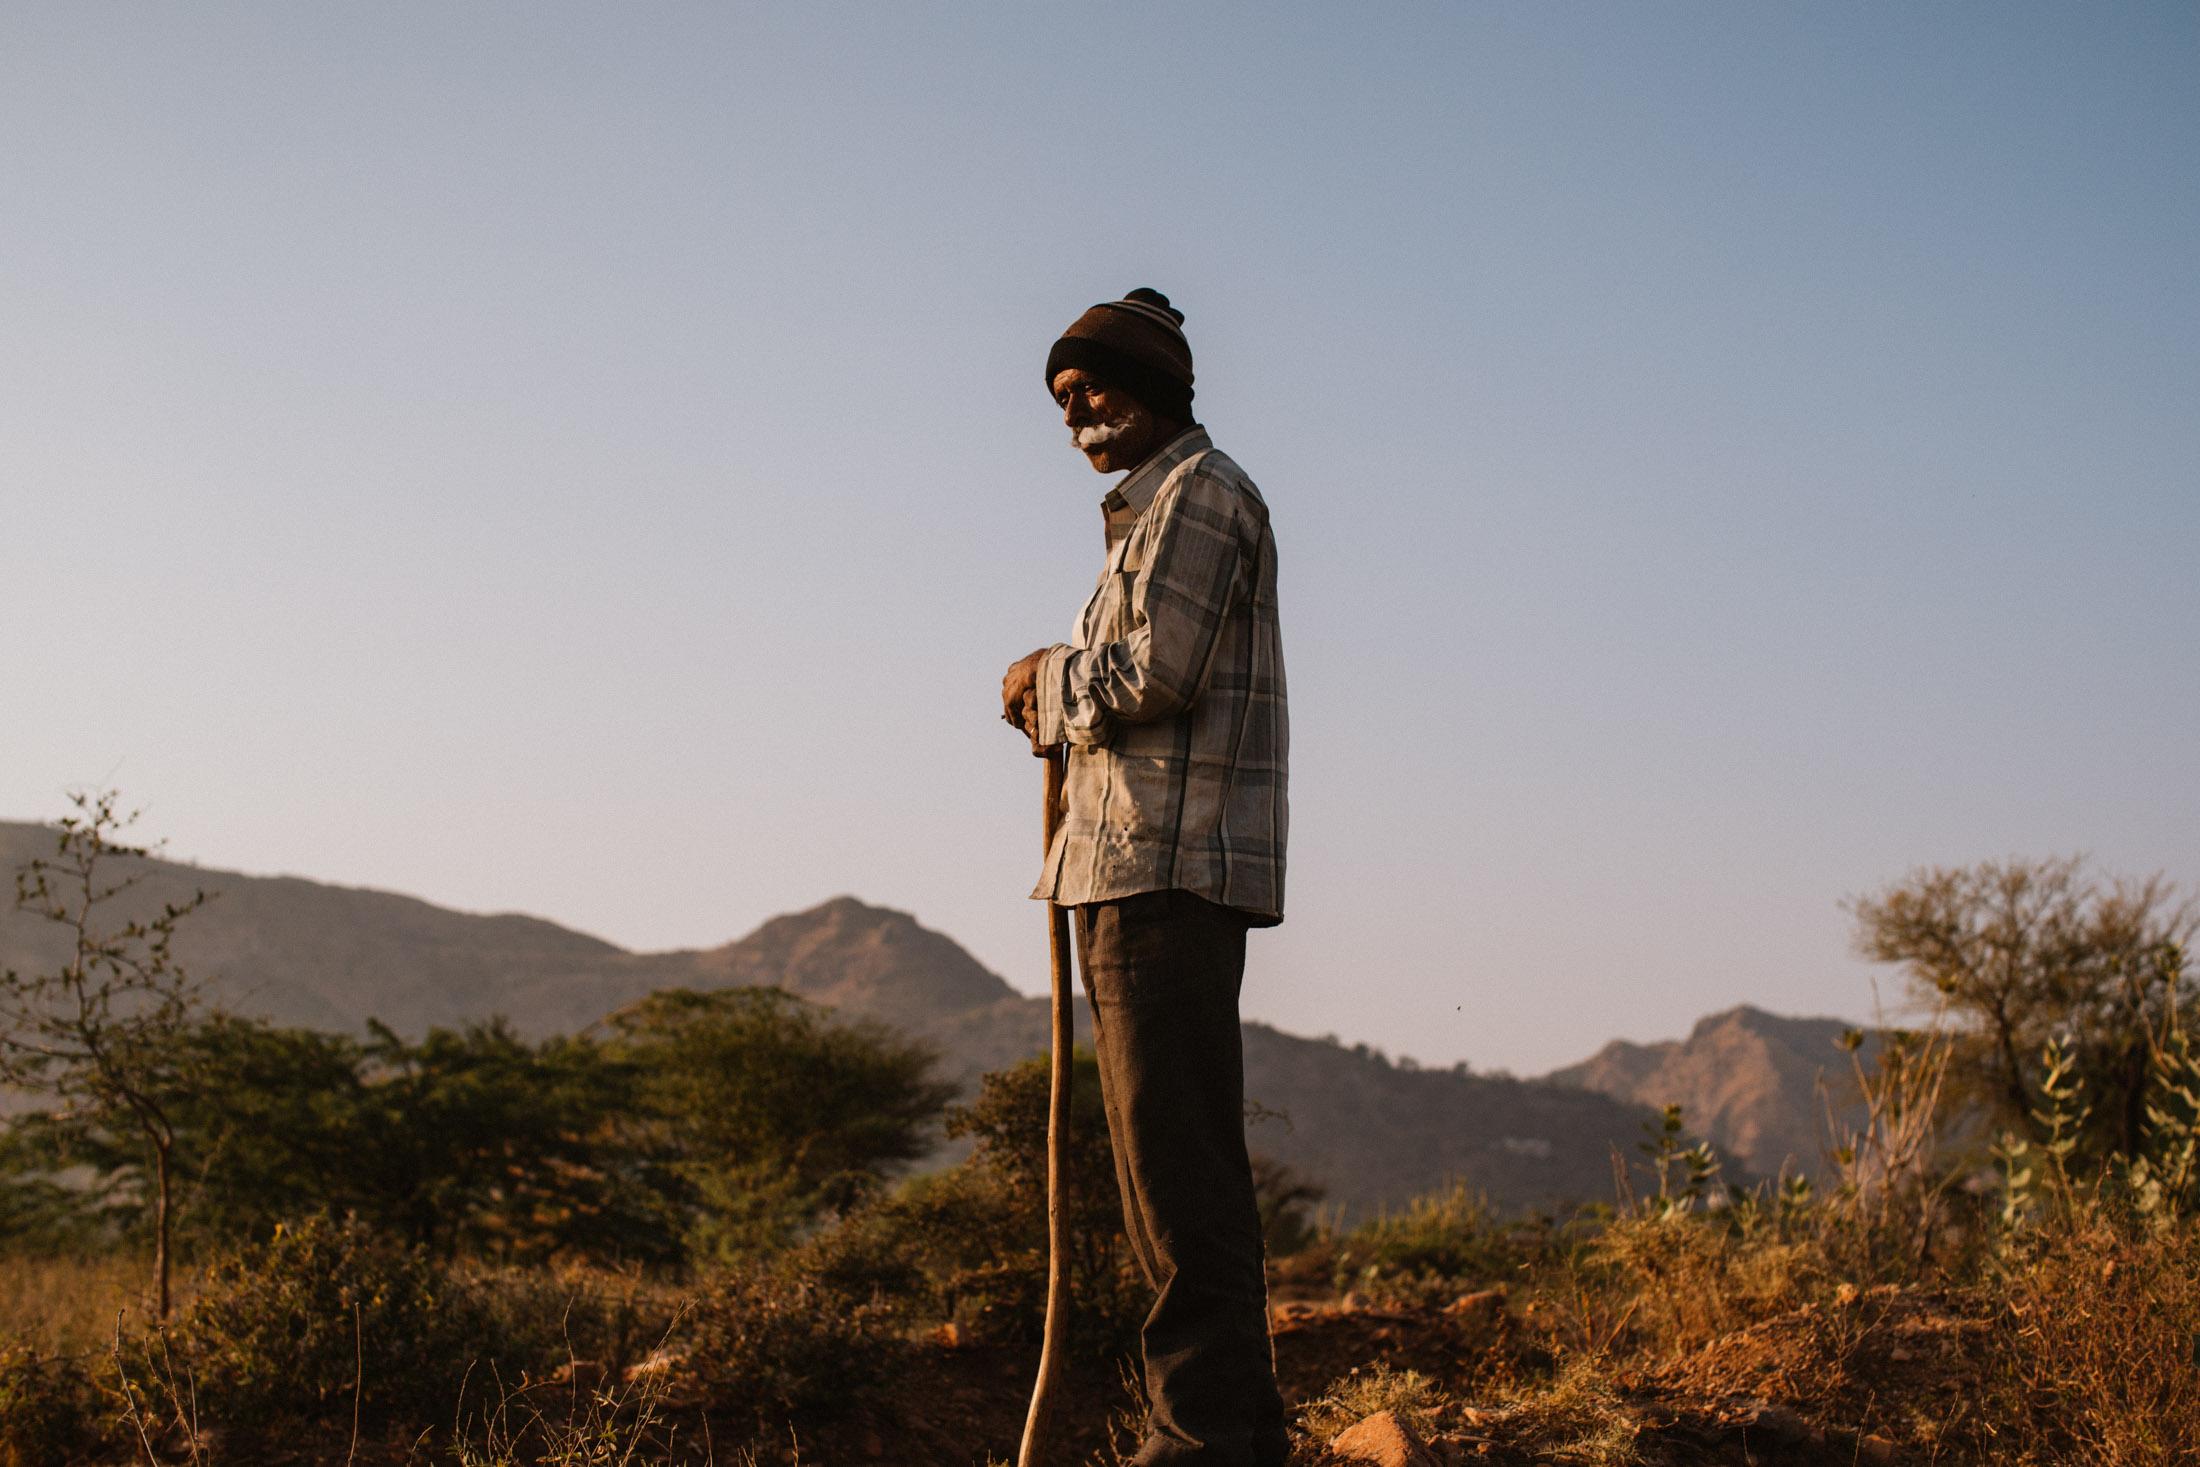 Pushkar Nov 2017-Dean Raphael Photography-82.jpg